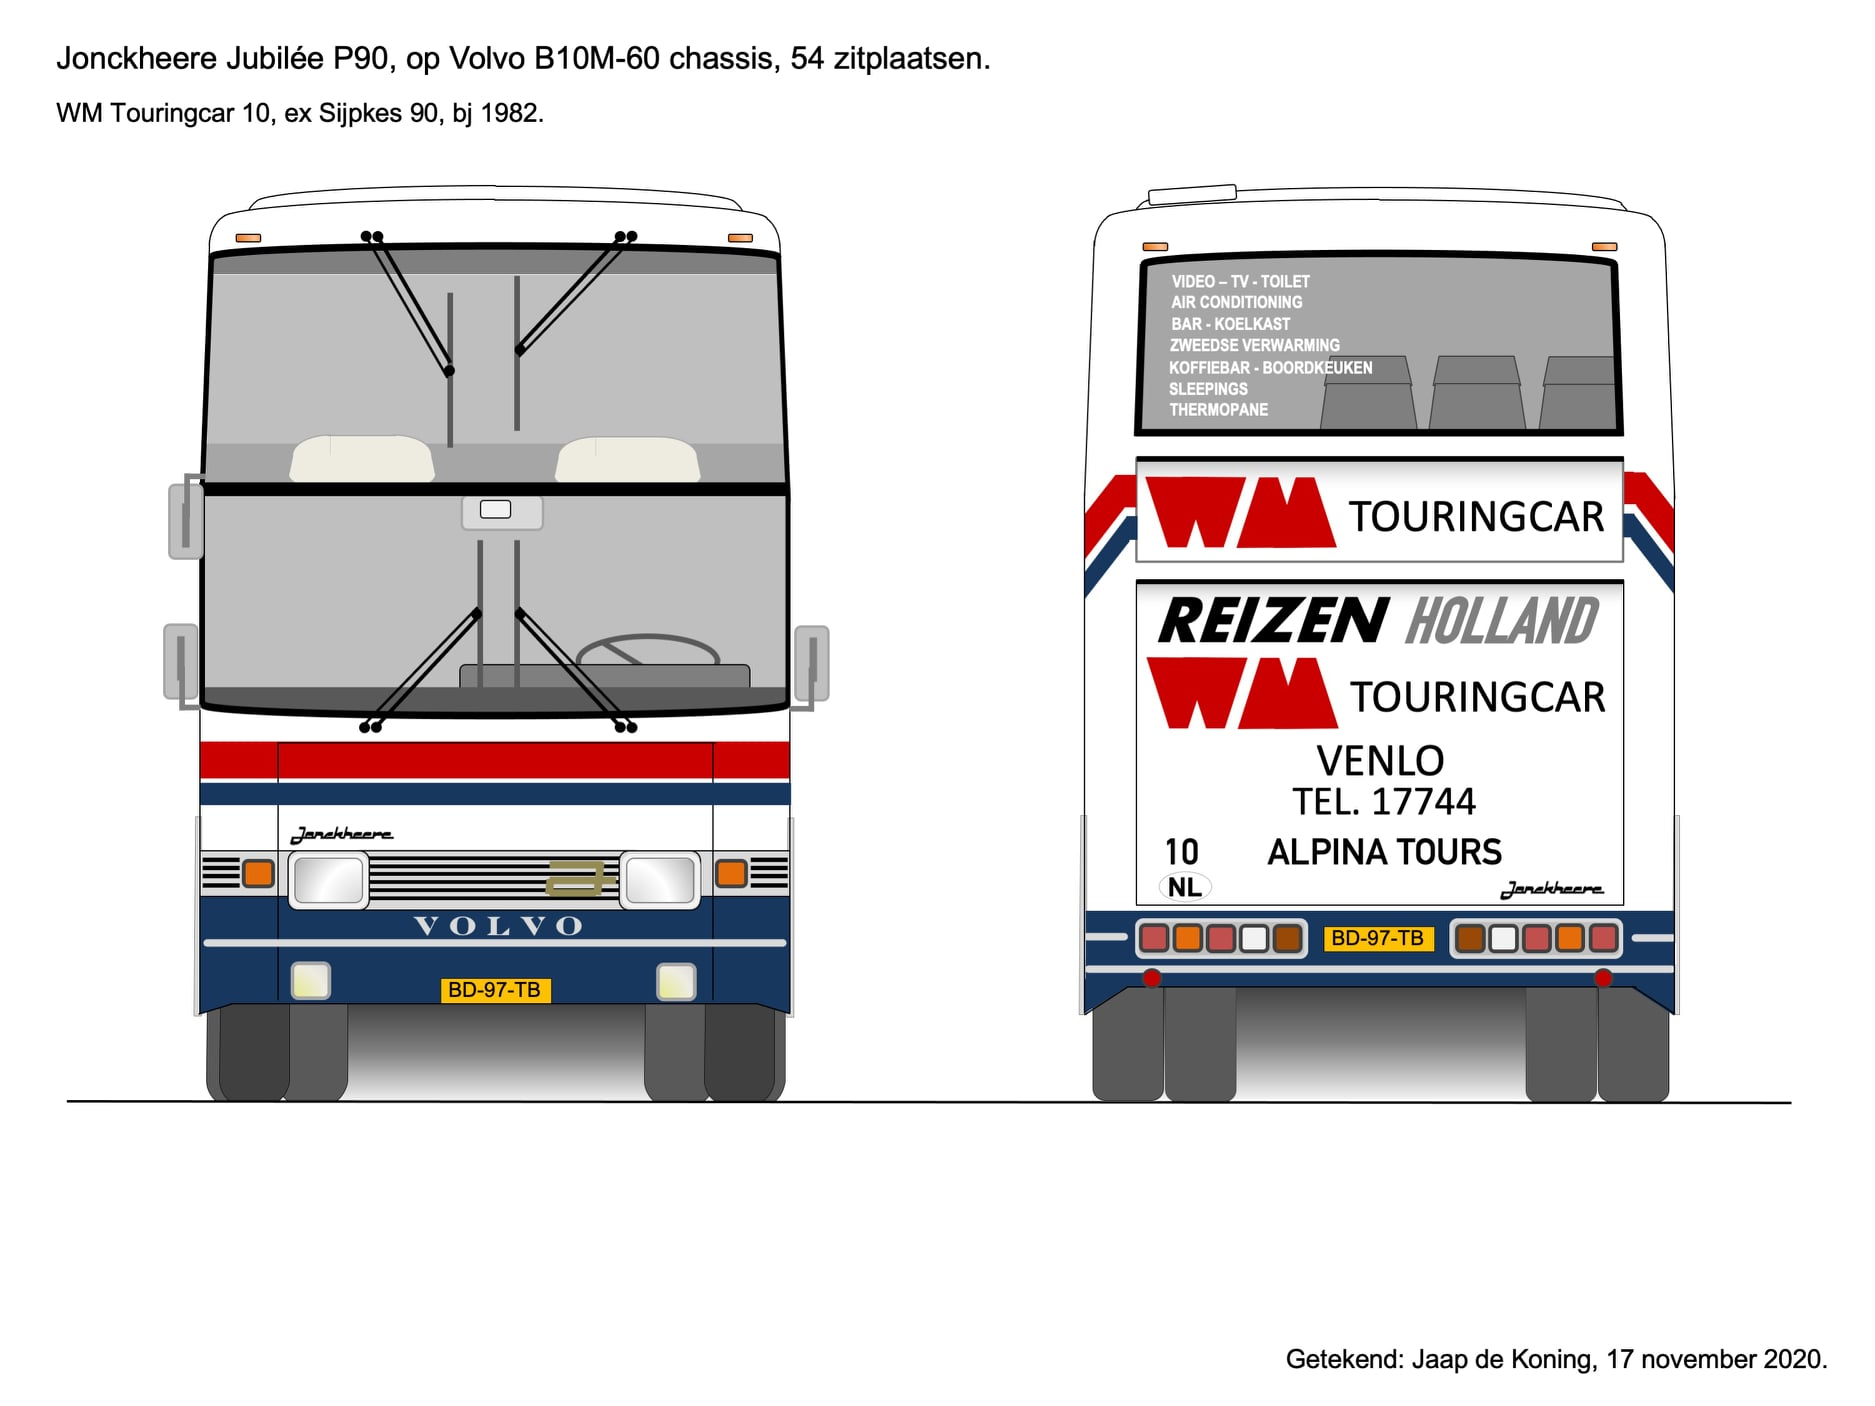 Jonckheere-P90-Jubelee-Volvo-B10M-chaisses--(4)